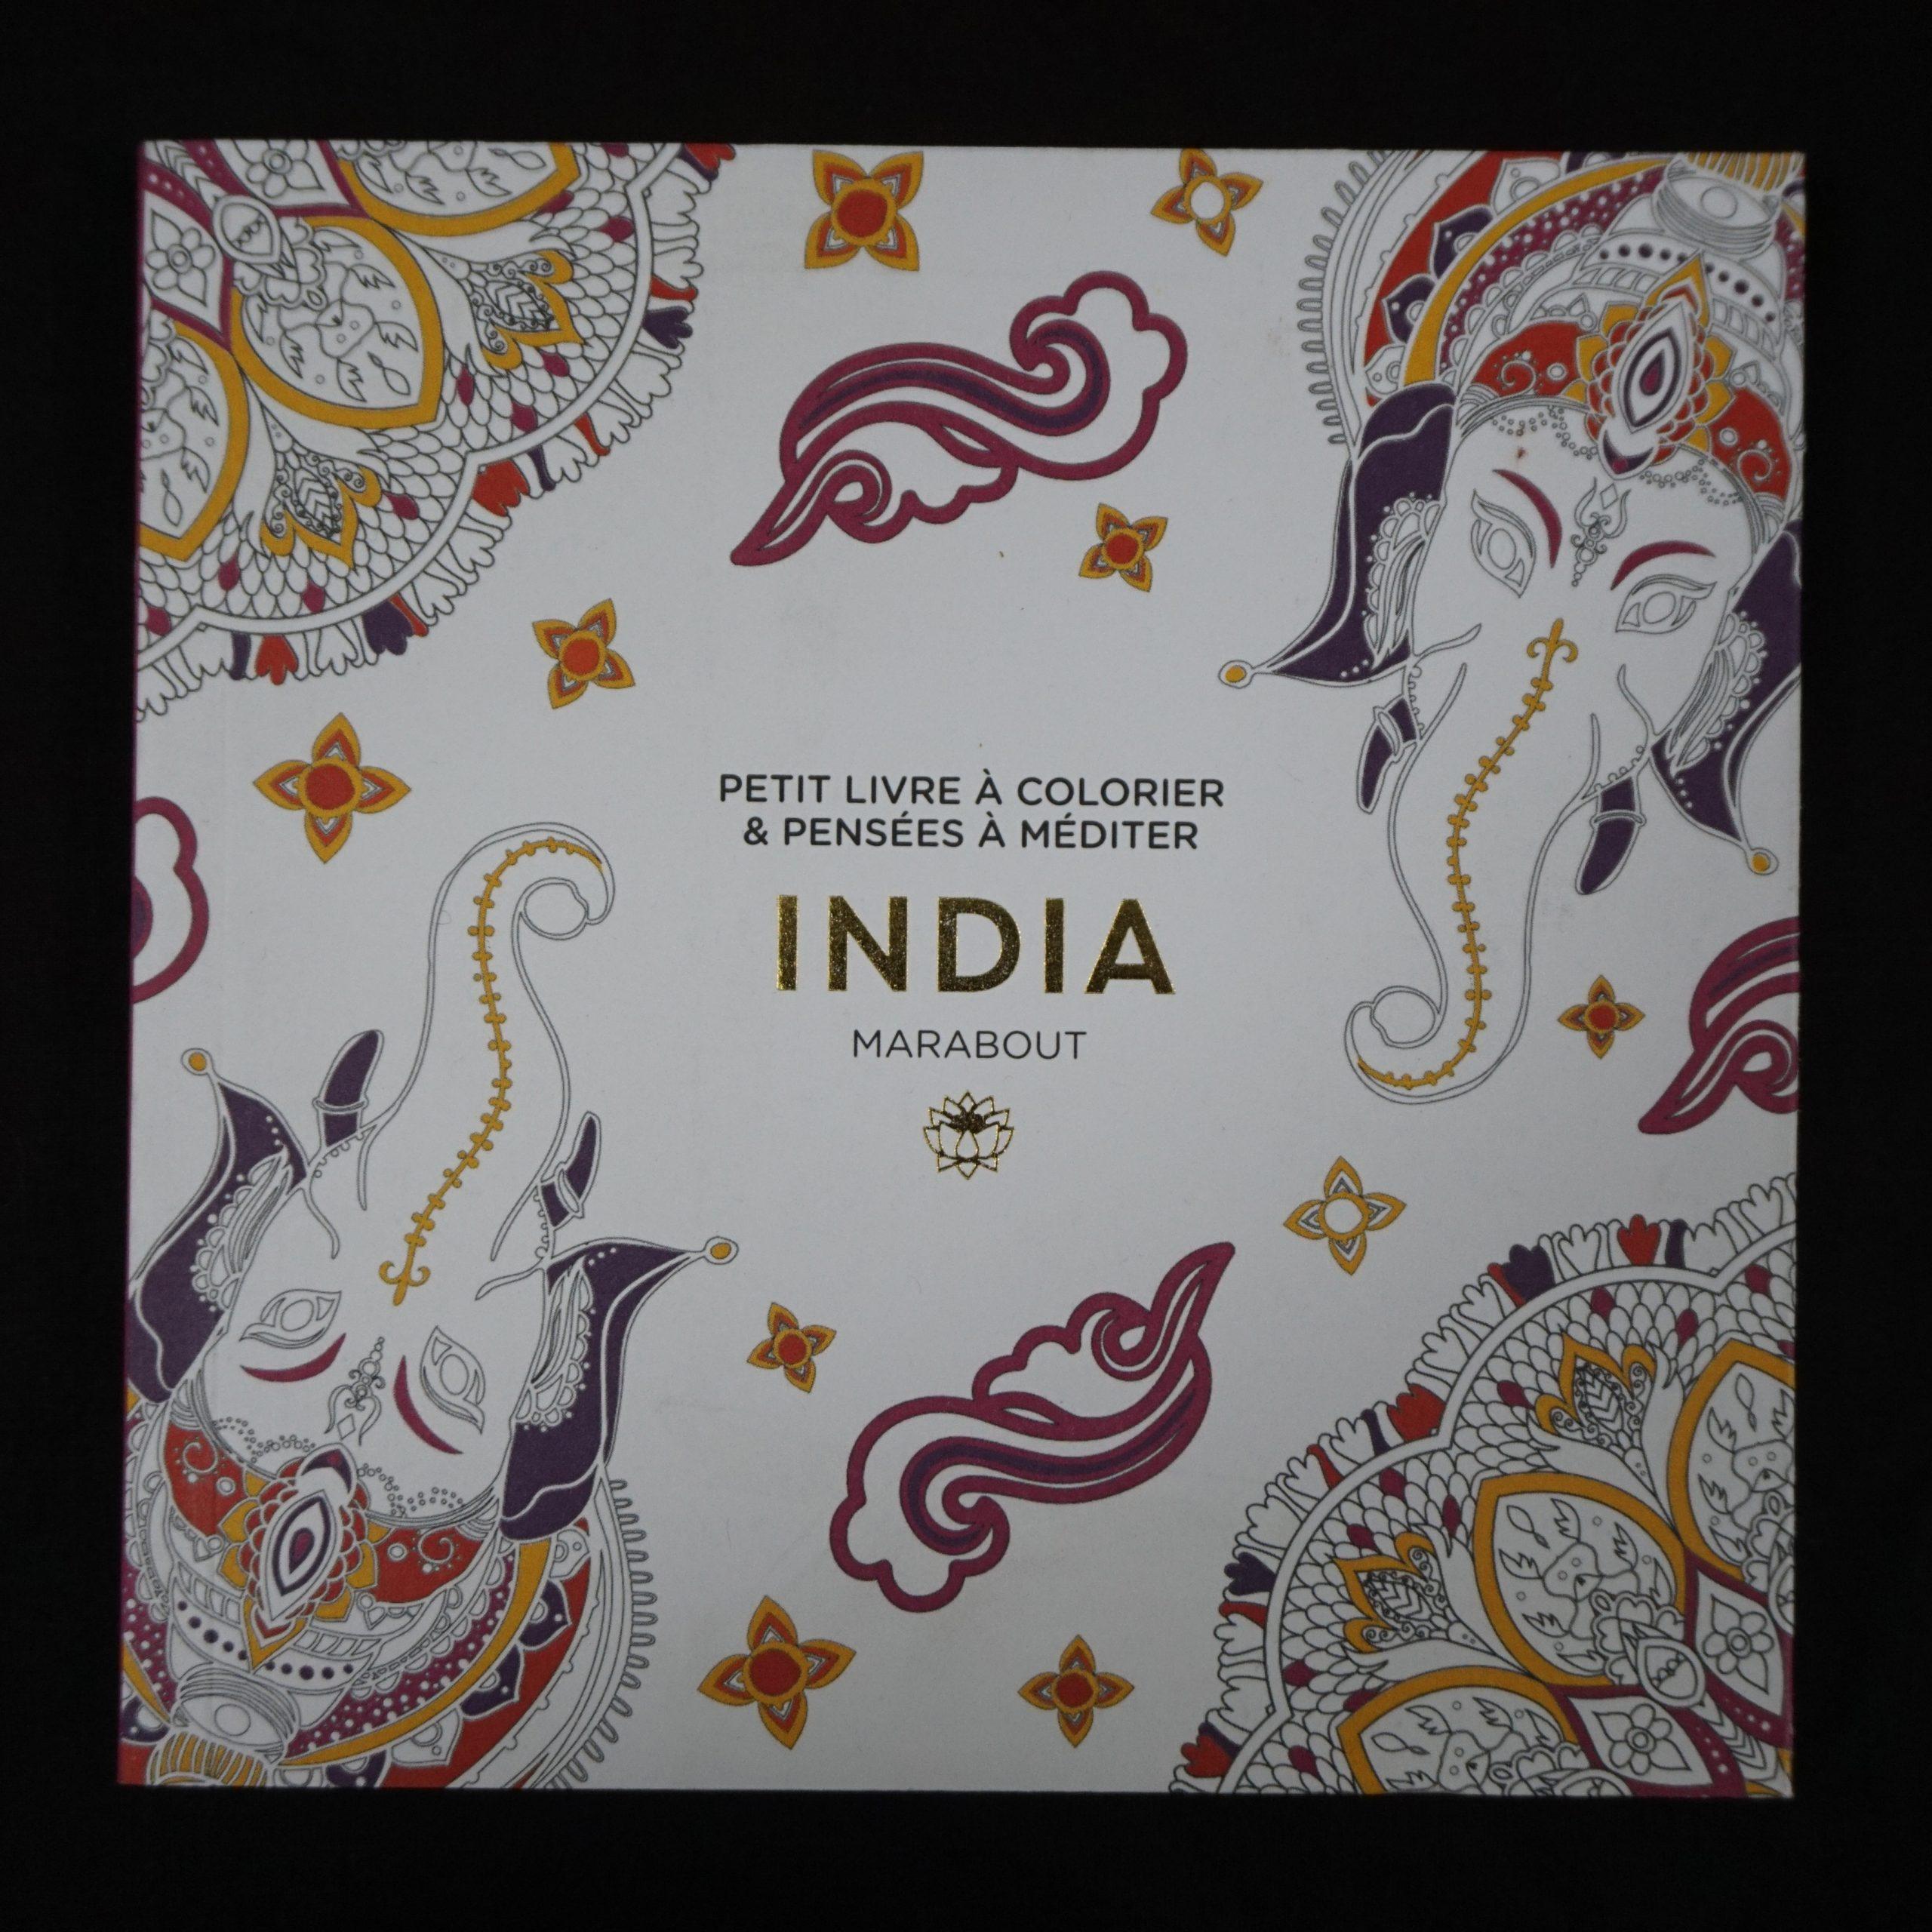 Le petit livre de coloriages: India